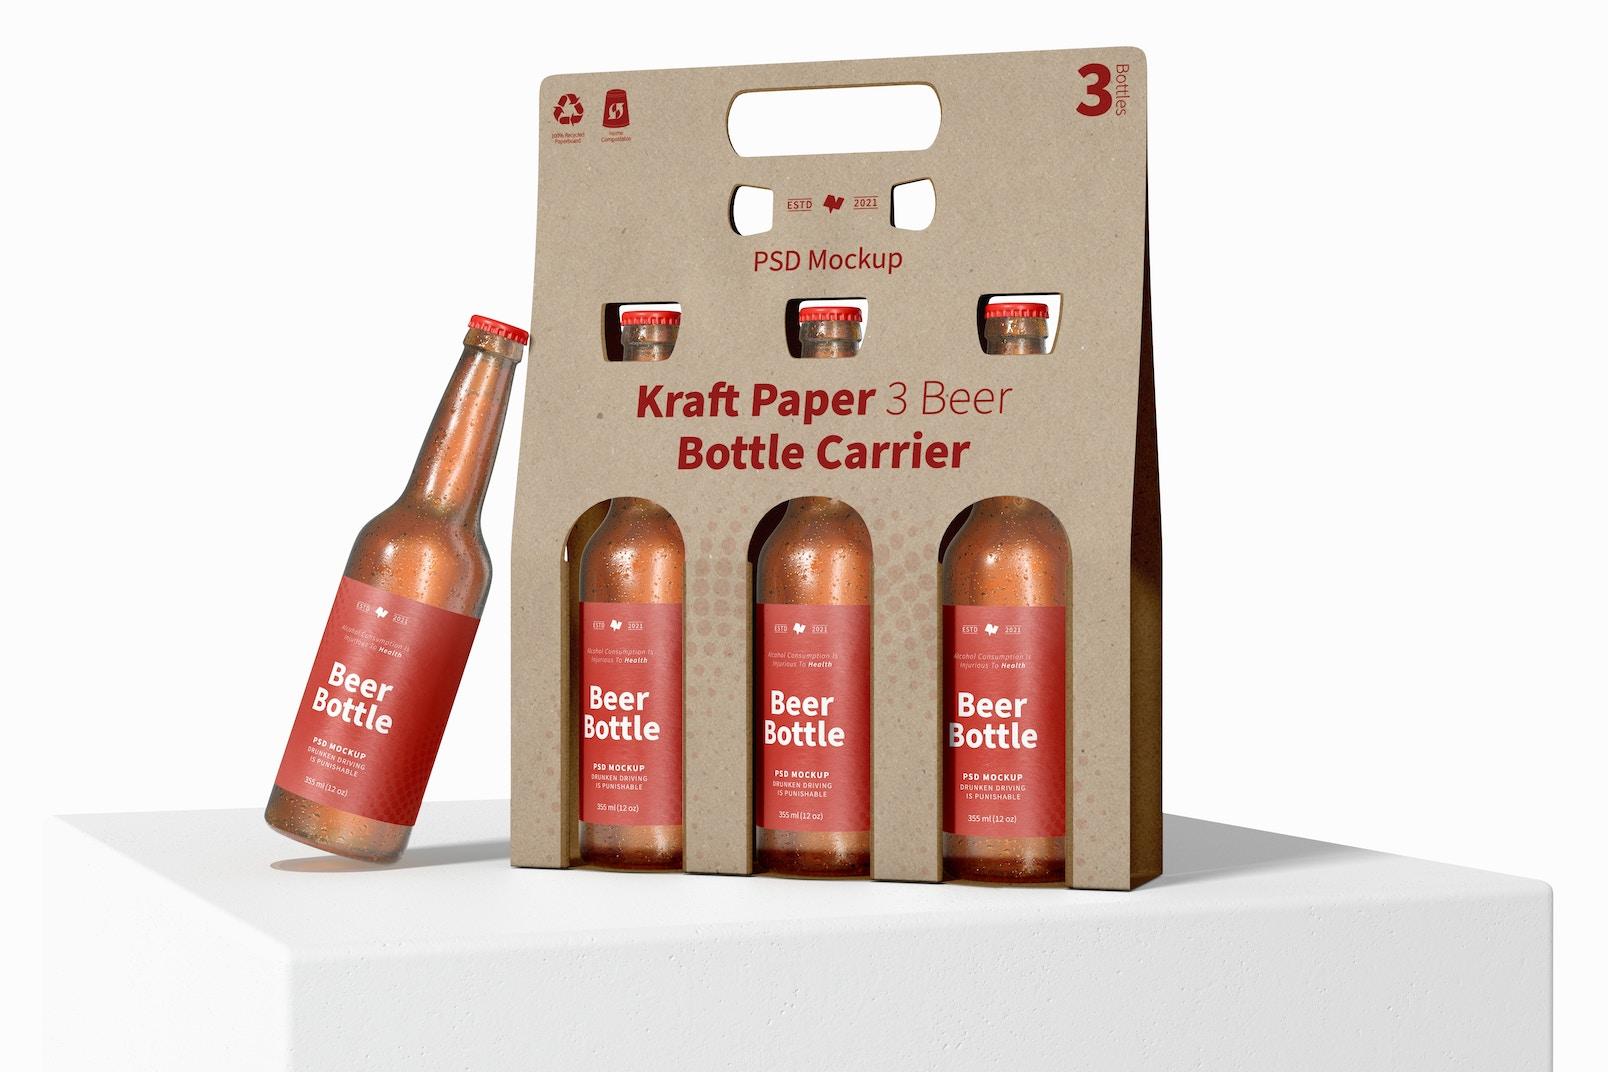 Maqueta de Portabotellas de Papel Kraft de 3 Cervezas, en Superficie